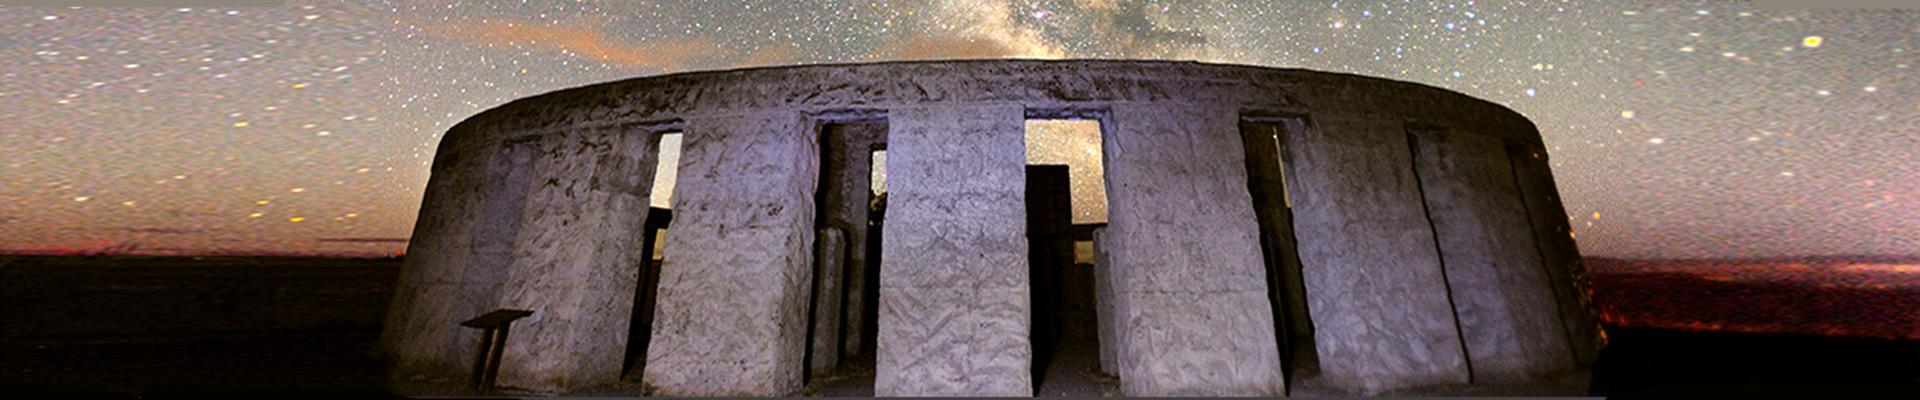 stonehenge-DeepEng-